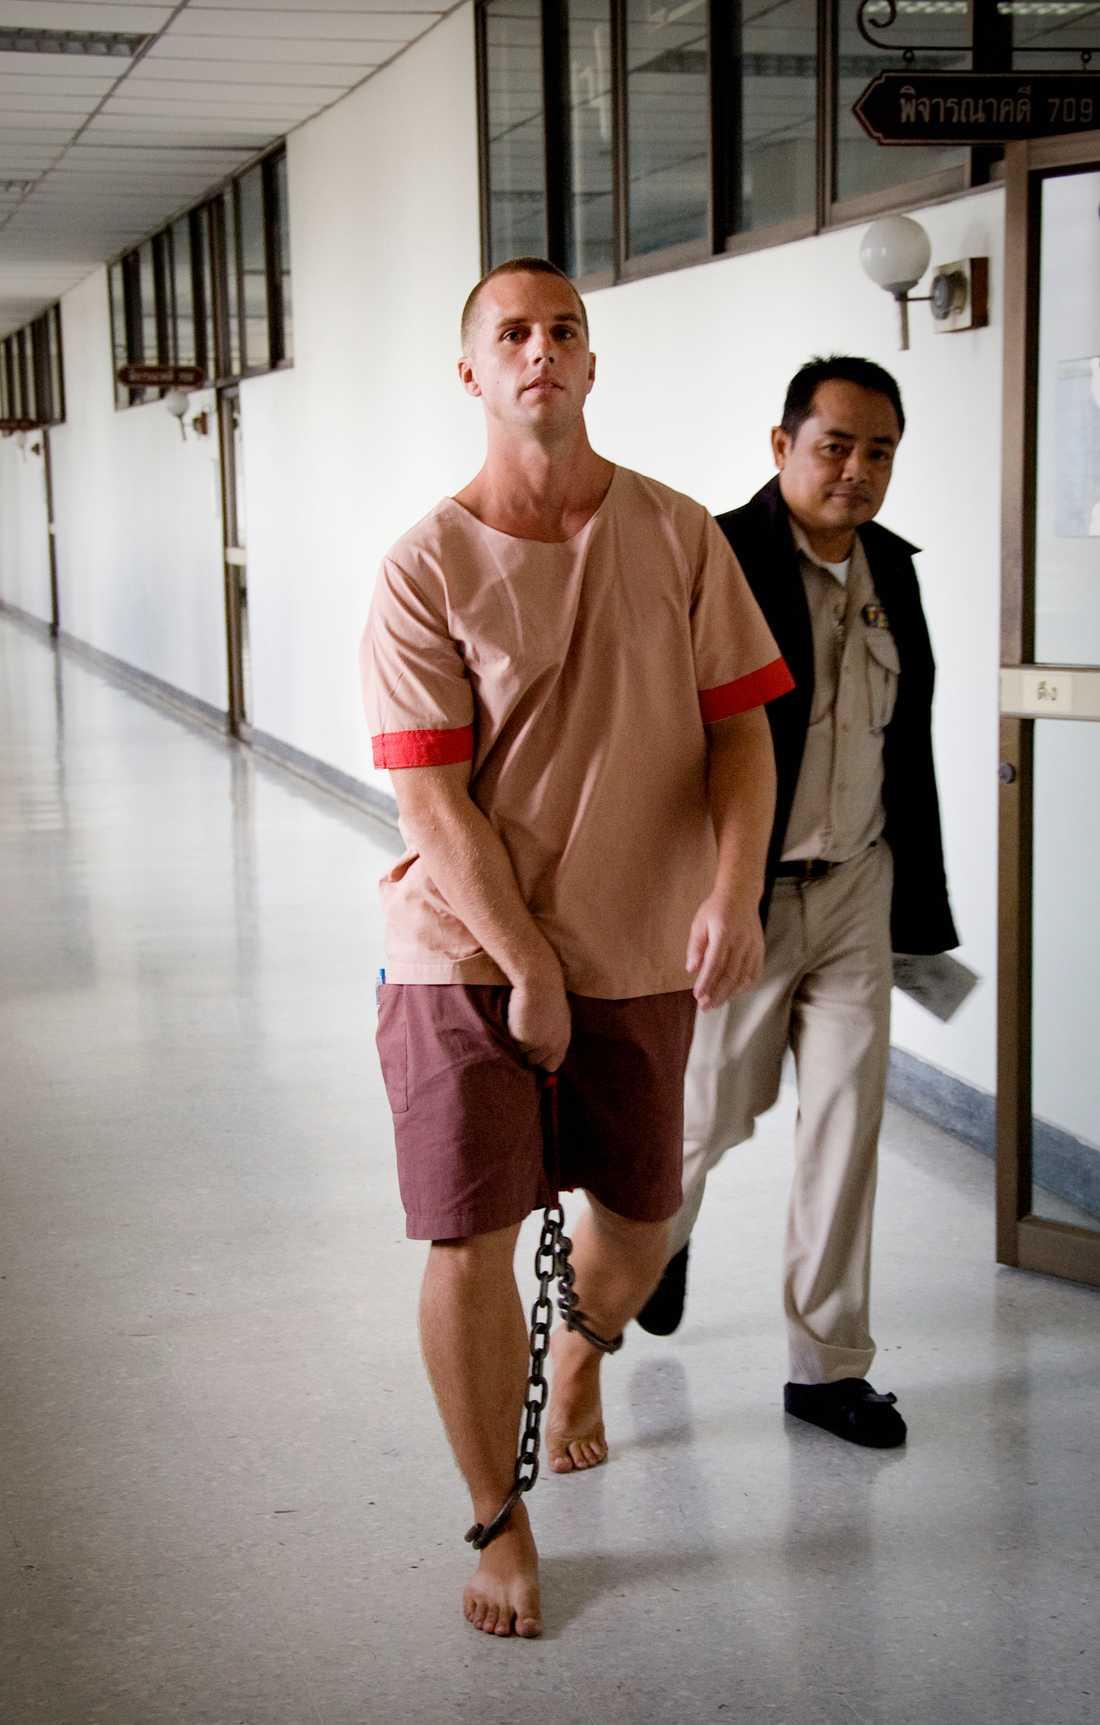 Eriksson har i flera intervjuer vittnat om de extremt dåliga förhållandena i thailändska fängelser.